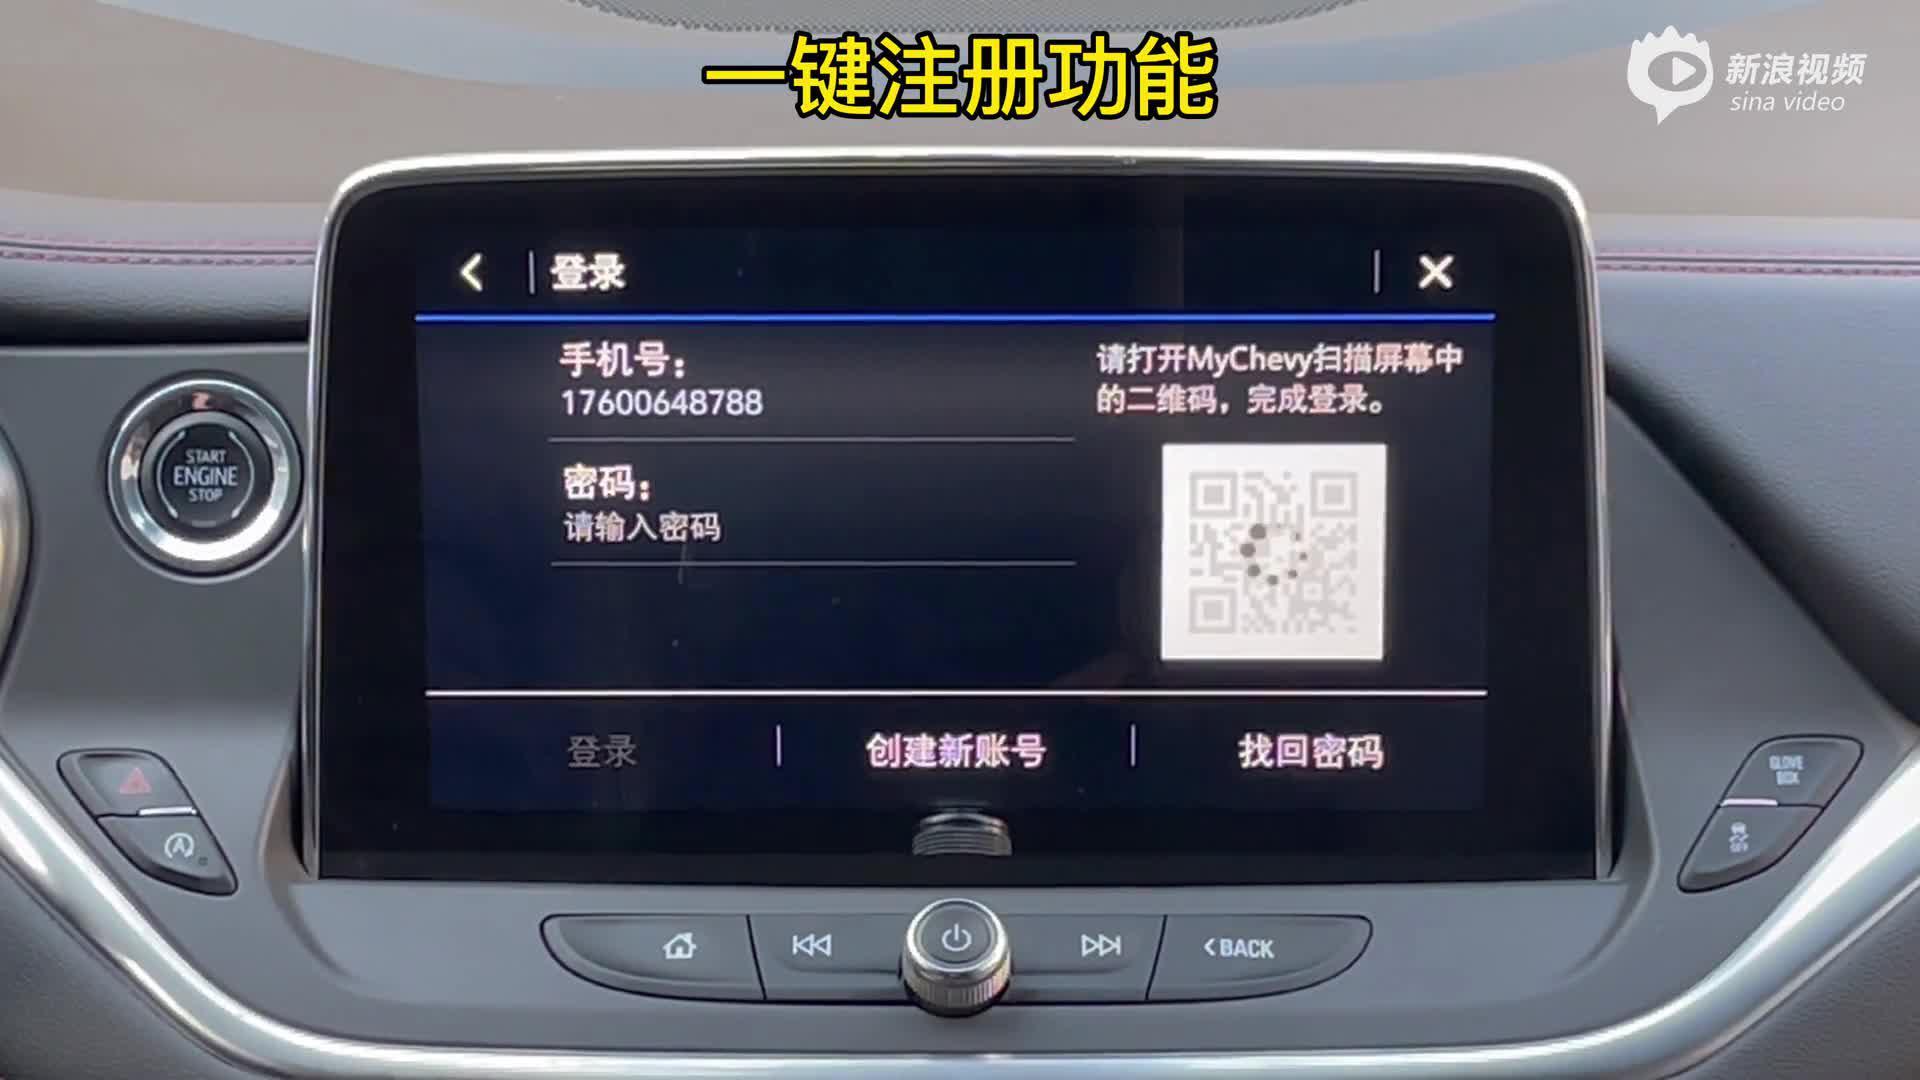 雪佛兰全新一代MyLink+智能车载互联